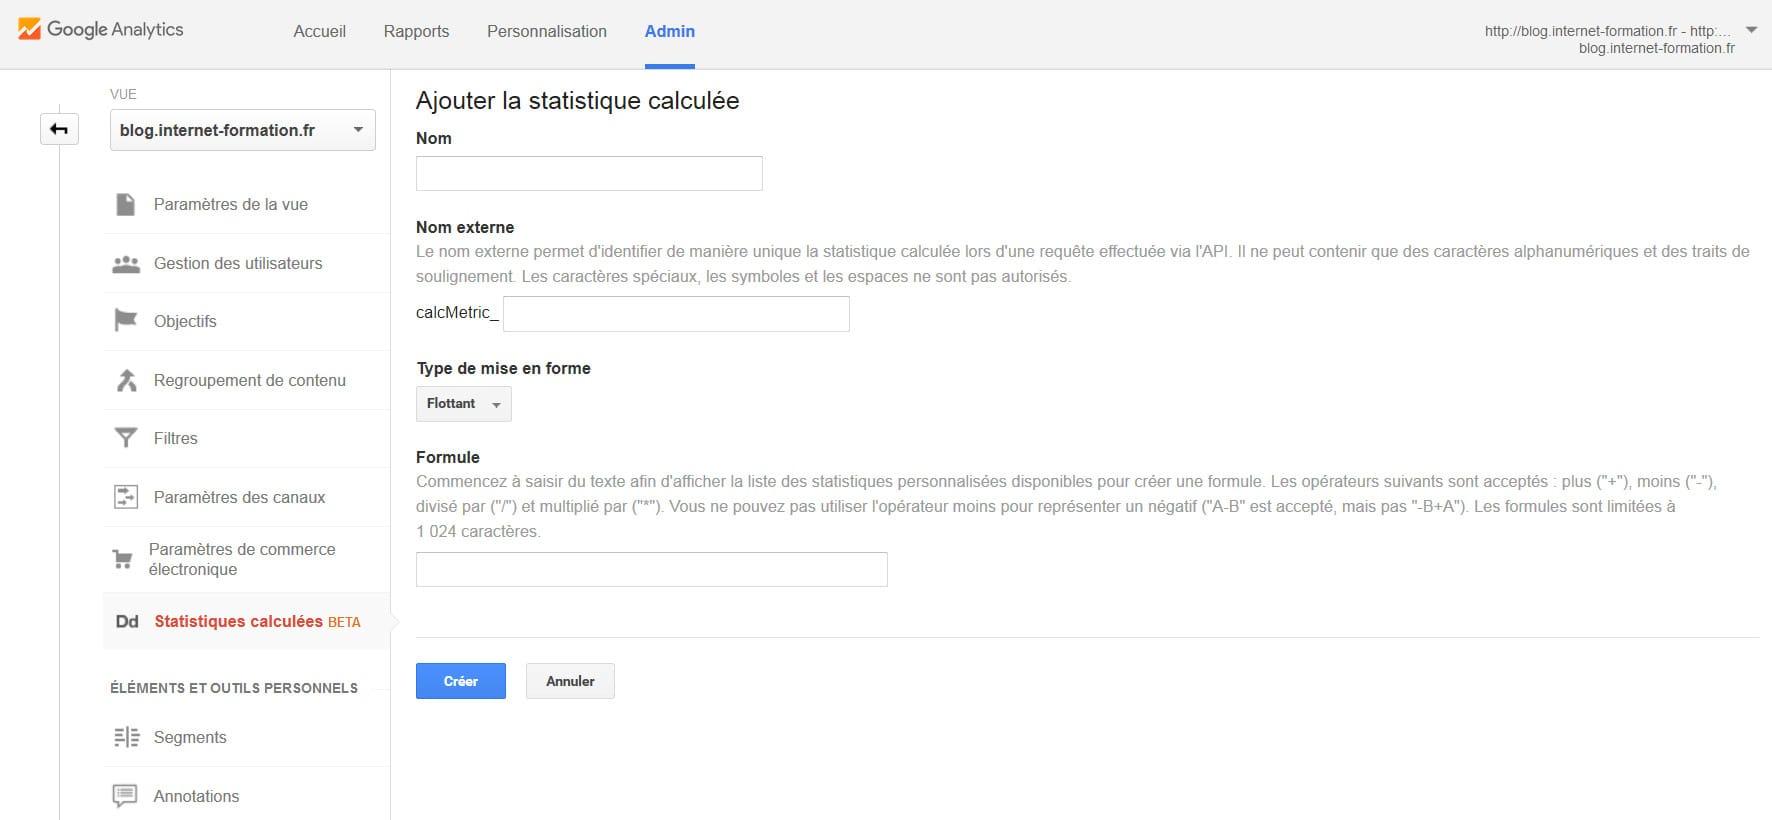 Créer des statistiques calculées dans Google Analytics